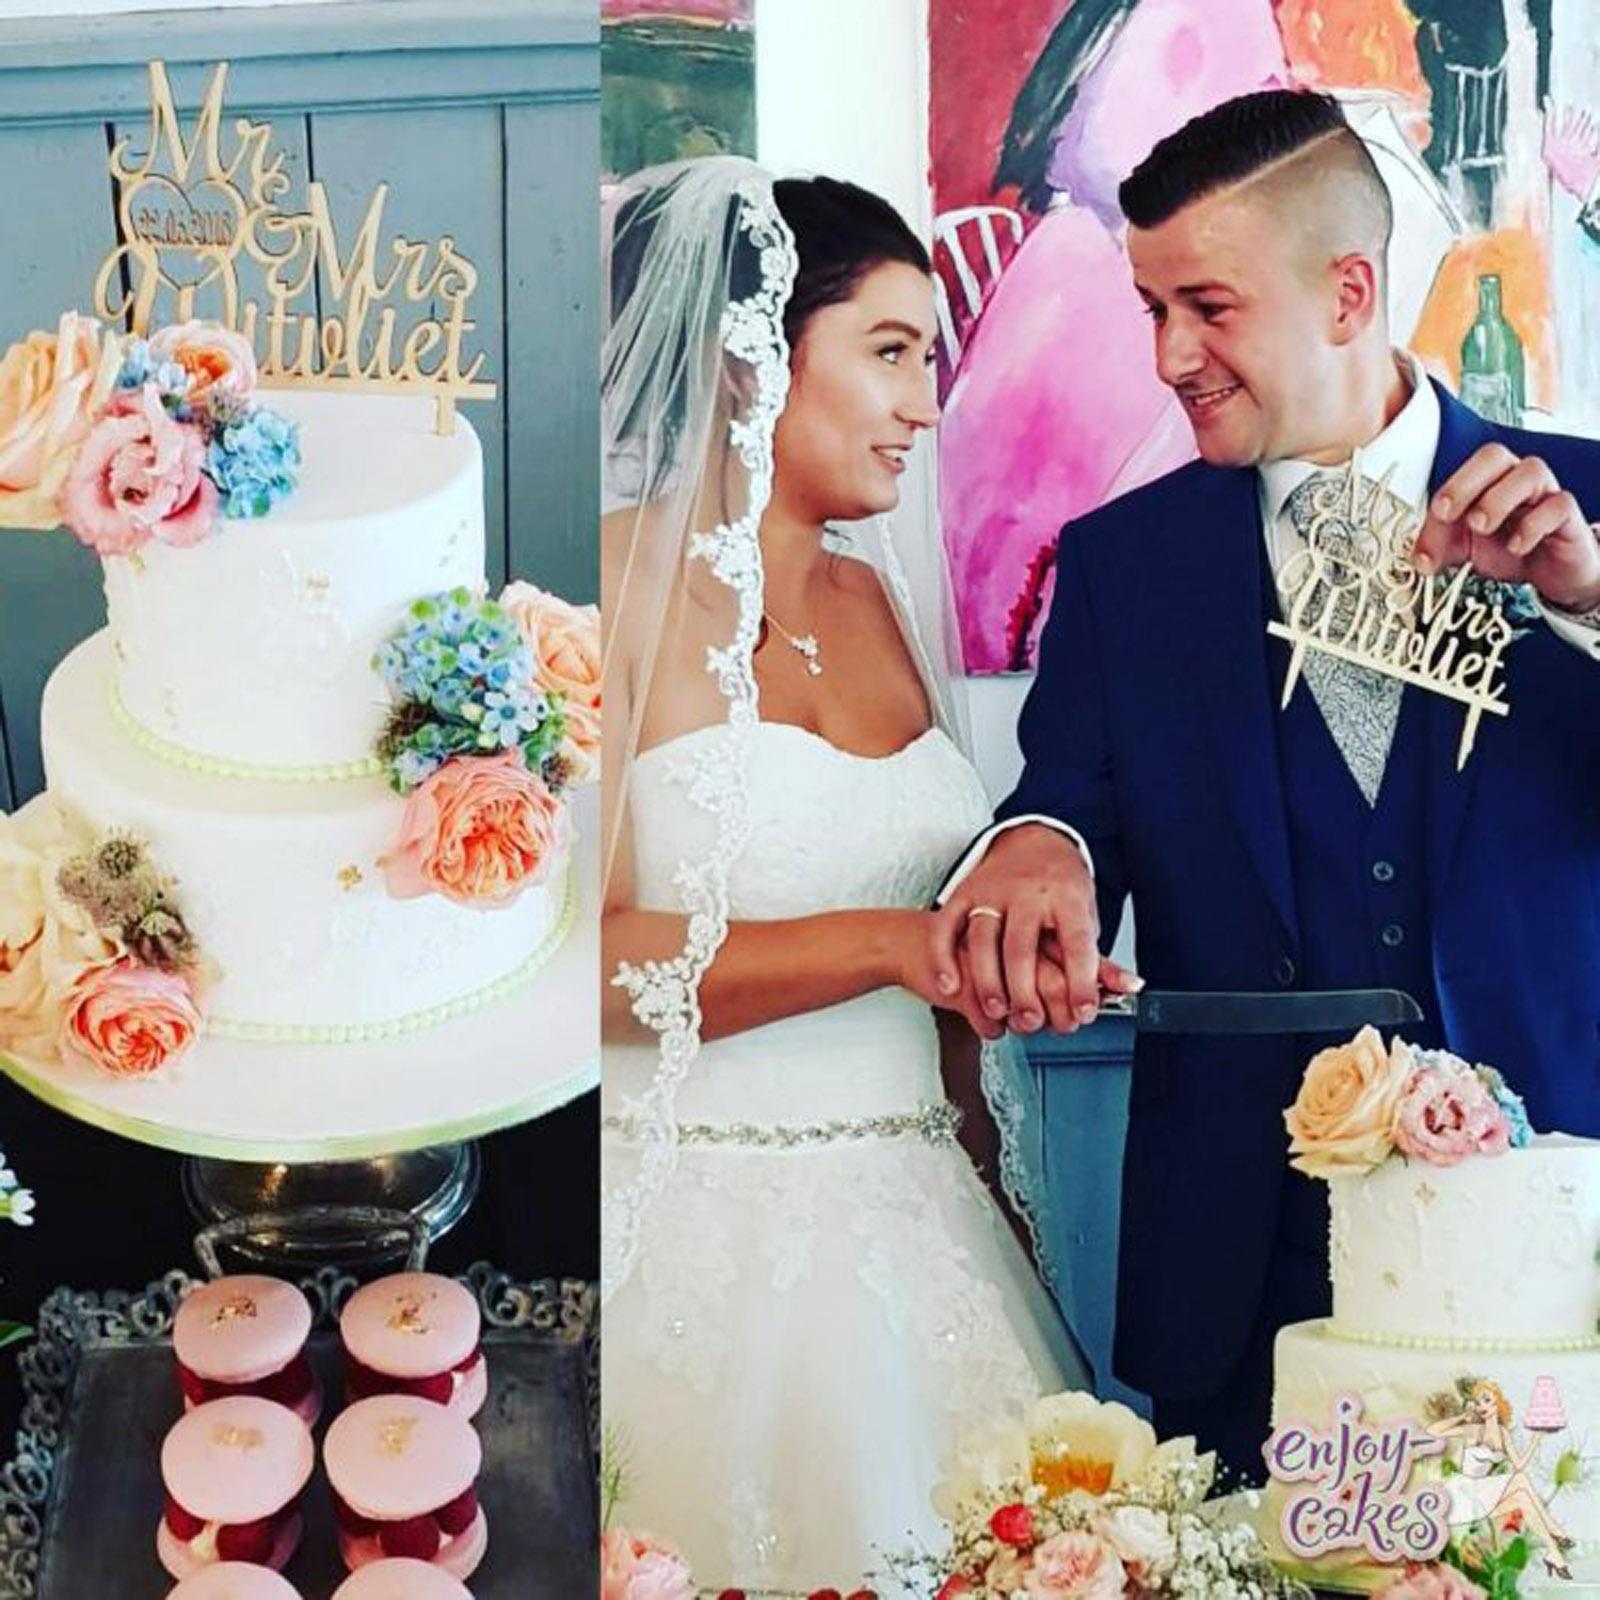 Elegant wedding cake with flowers